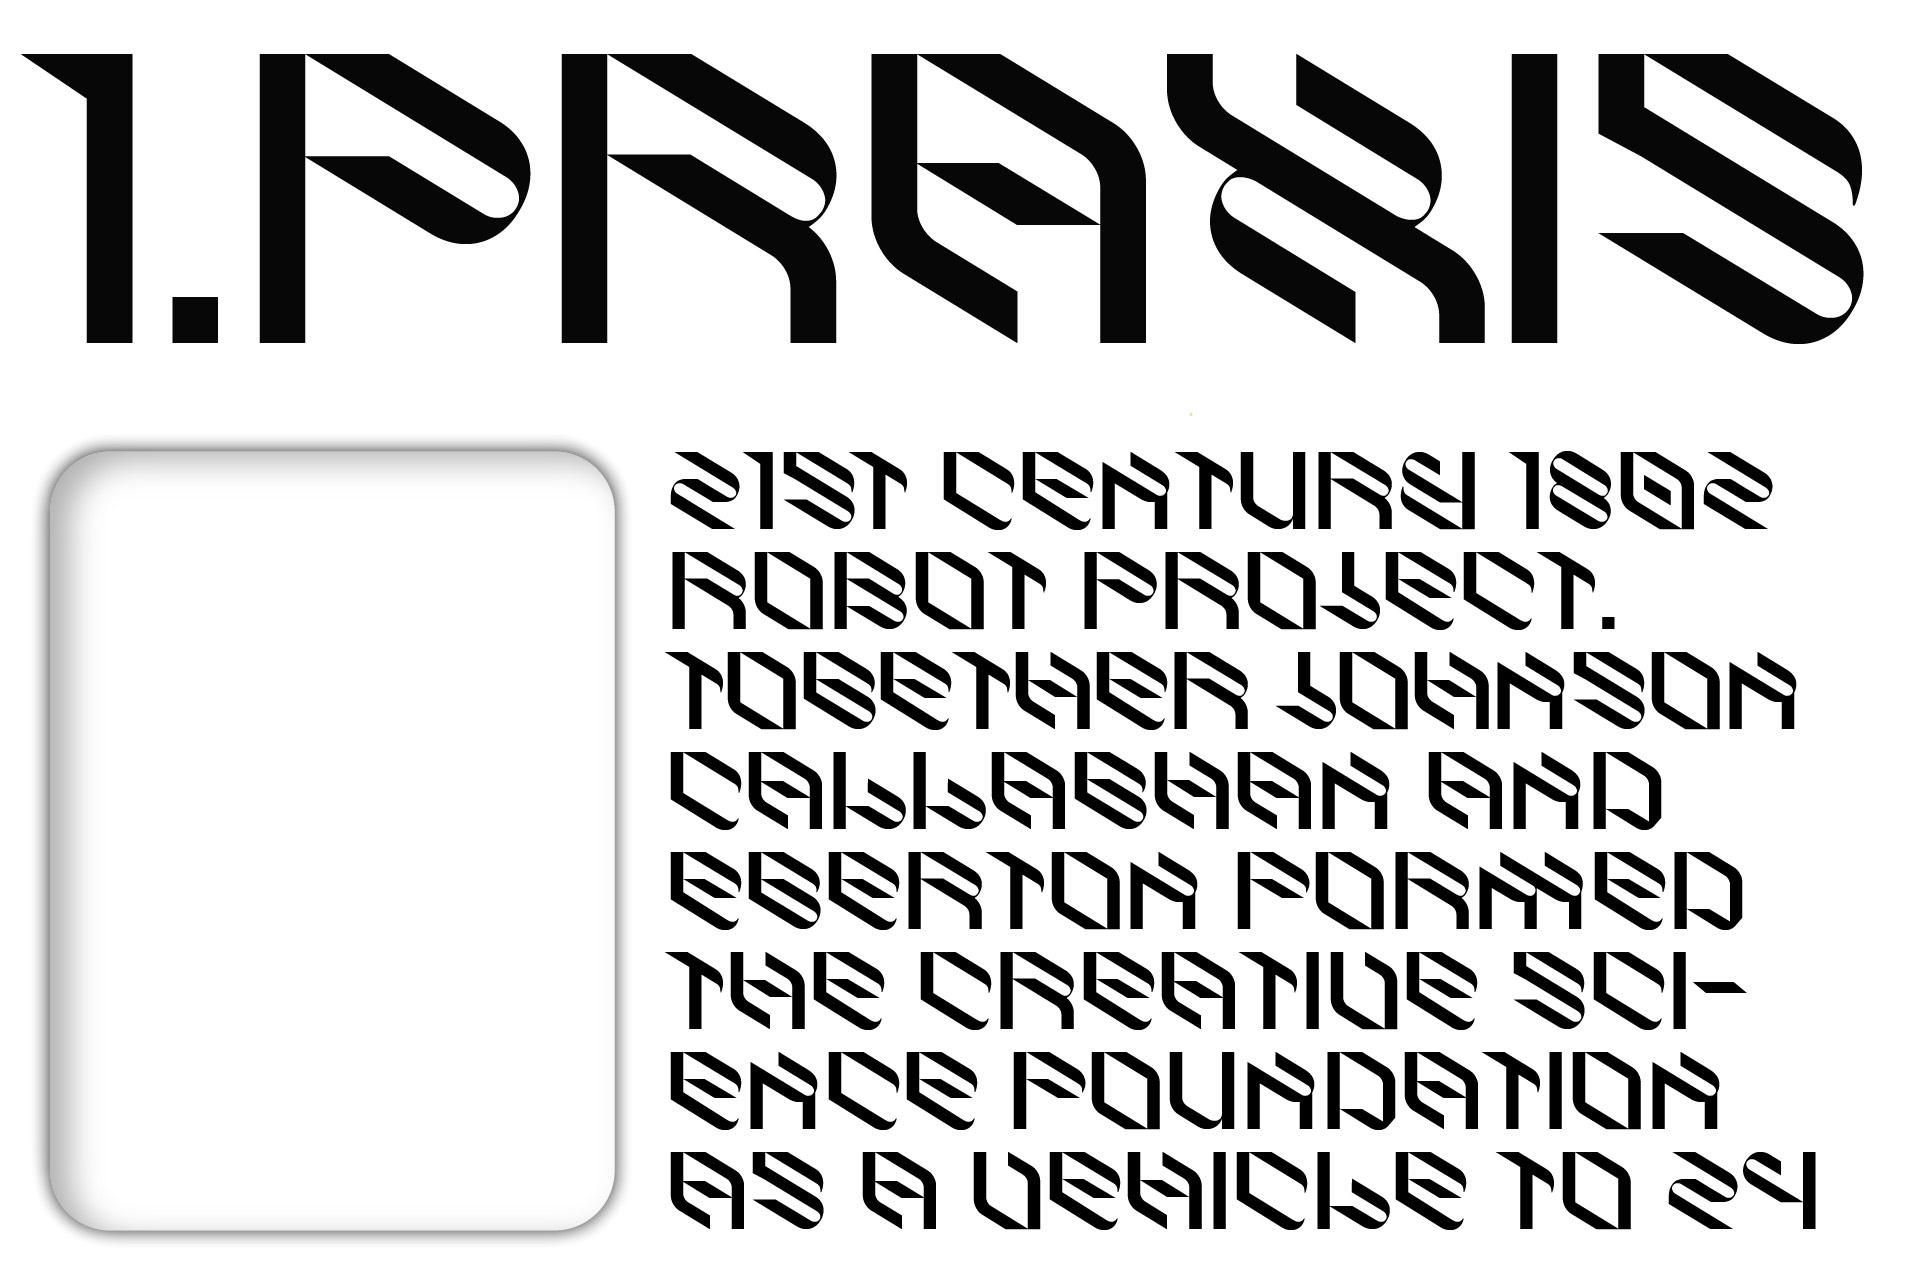 倾斜对角线英文字体下载 Eskos Typeface插图(15)